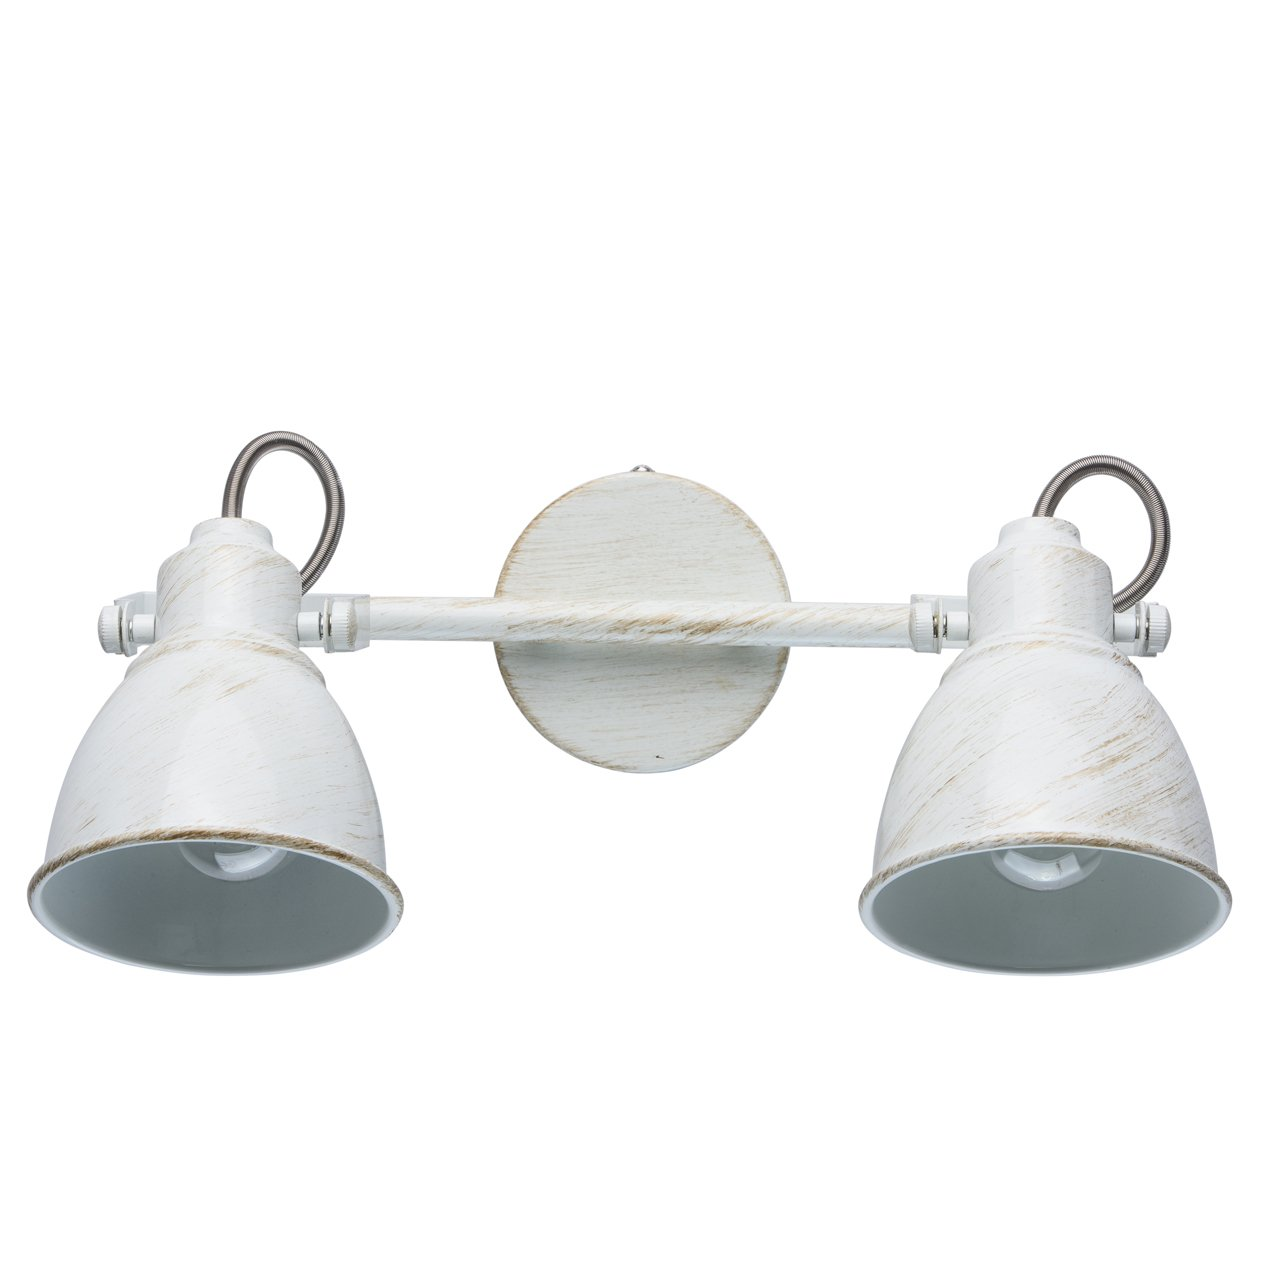 Spotbalken 2-flammig MW-Light 547021002 Retro Wandleuchte Wandspot 2 Flammig Weiß Kompakt E14 40W